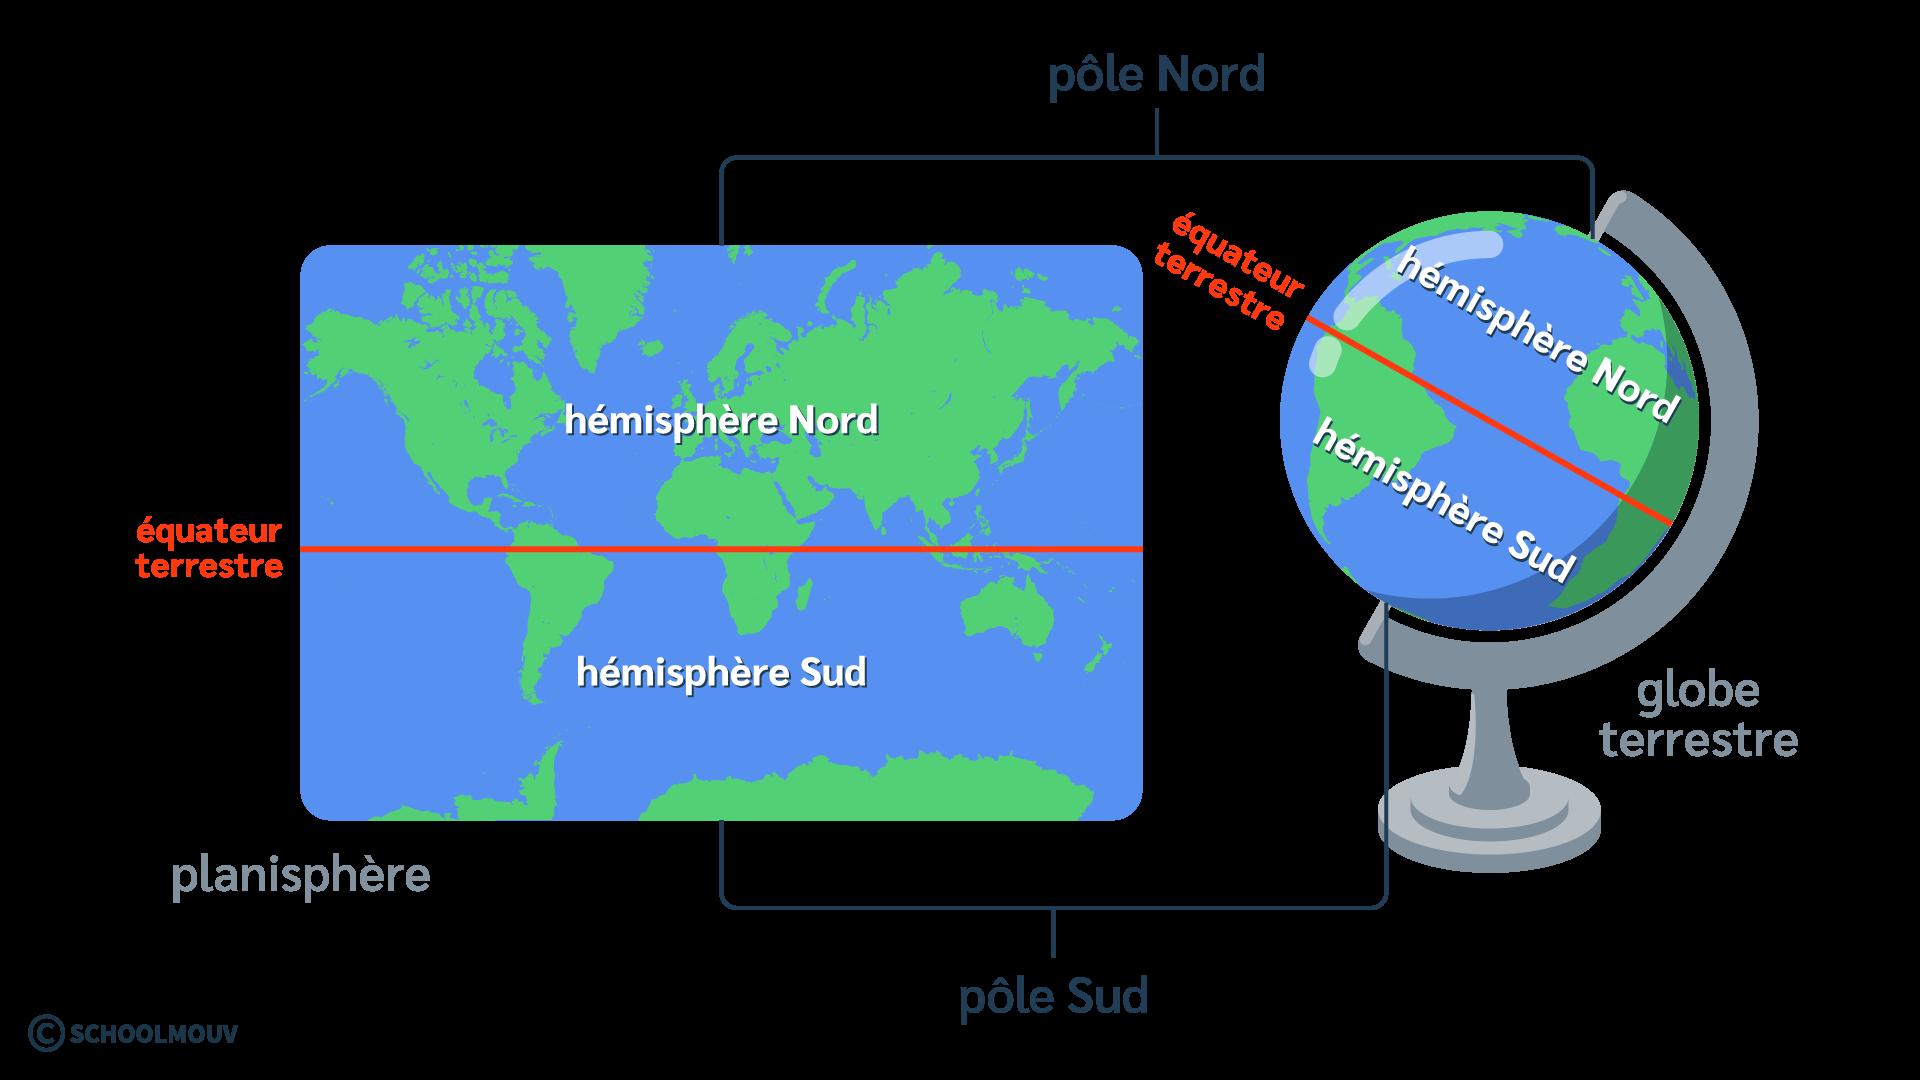 primaire questionner le monde géographie ce2 décrire la Terre hémisphère Nord hémisphère Sud